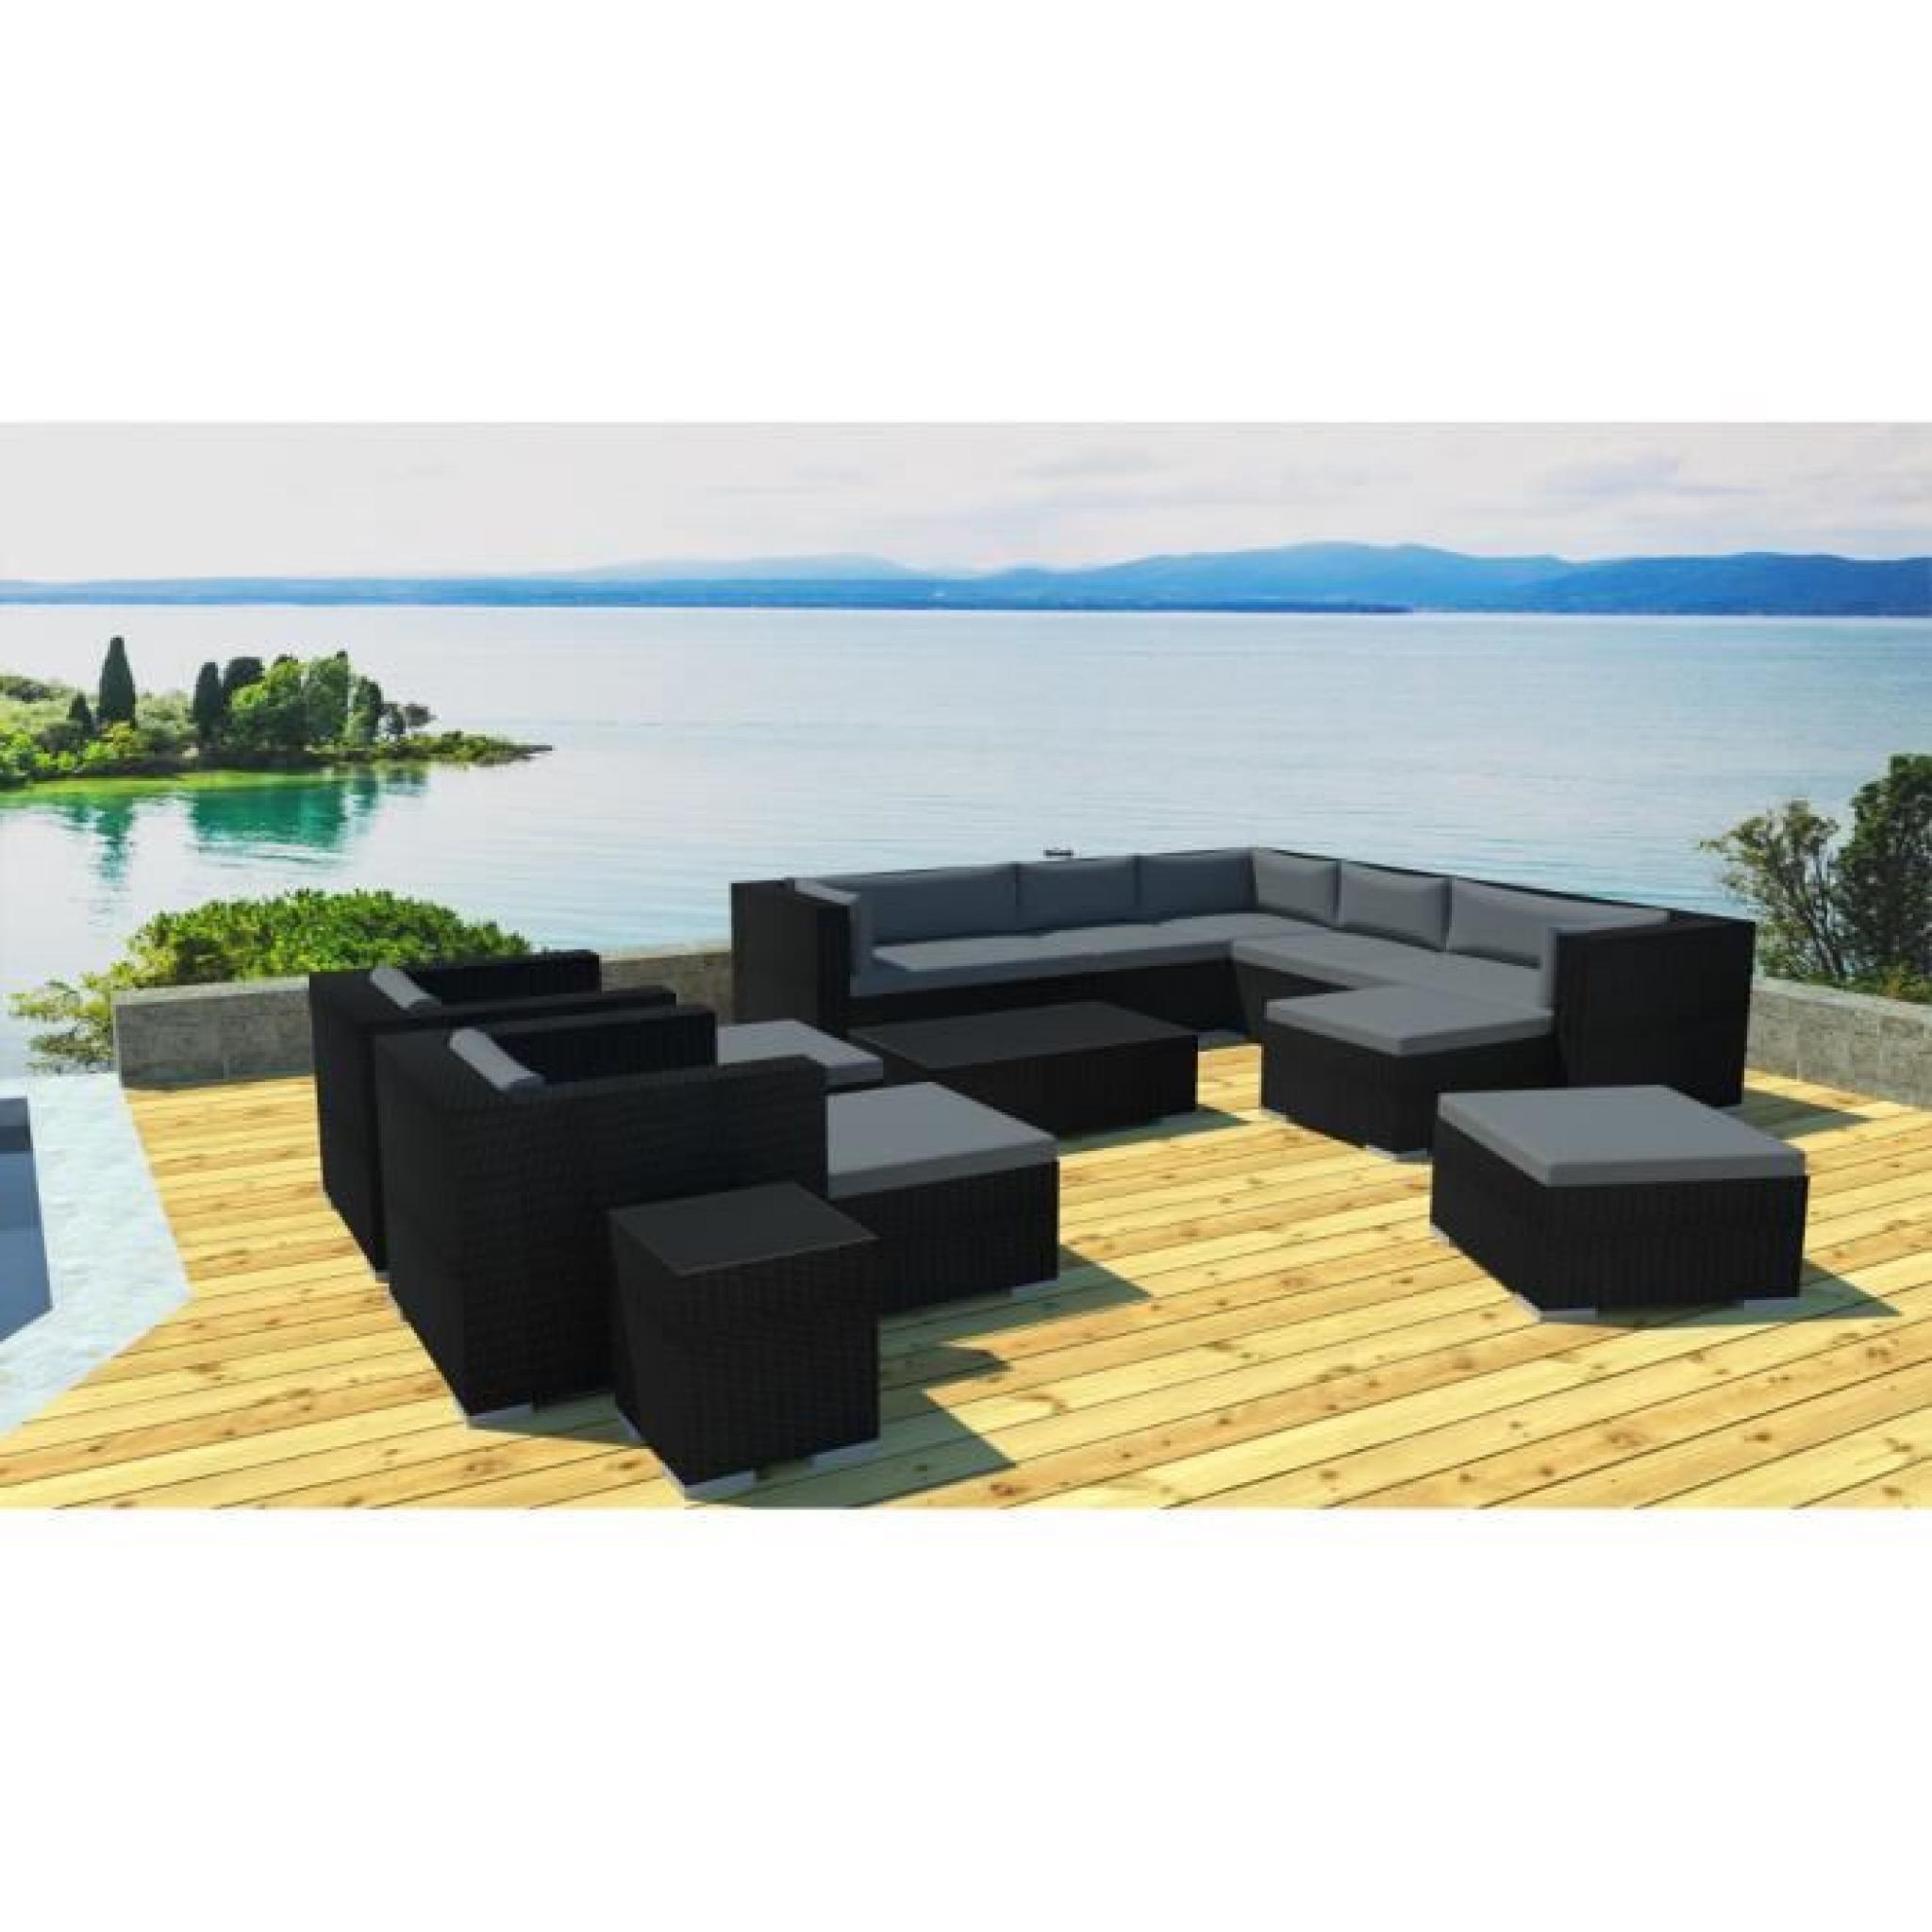 Grand salon jardin modulable en résine Noir/gris